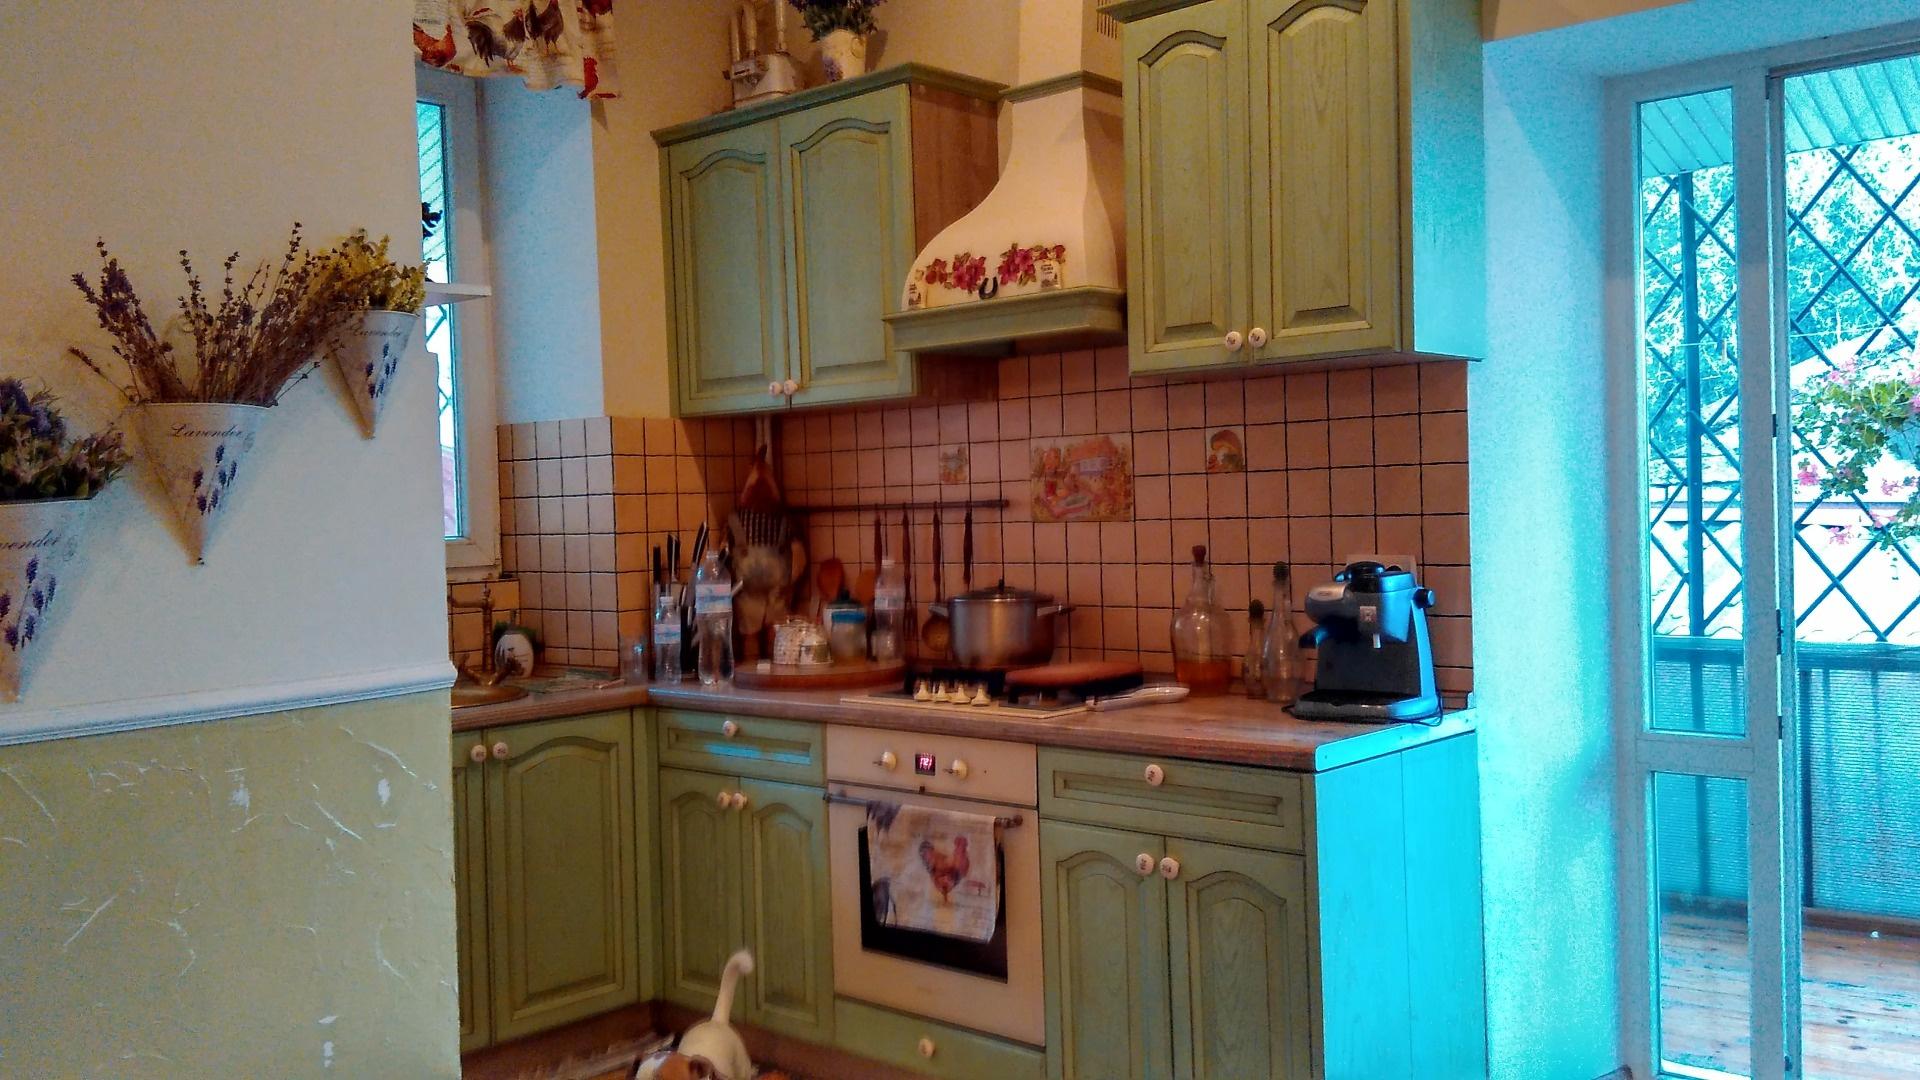 Продается 3-комнатная квартира на ул. Малая Арнаутская (Воровского) — 130 000 у.е. (фото №14)